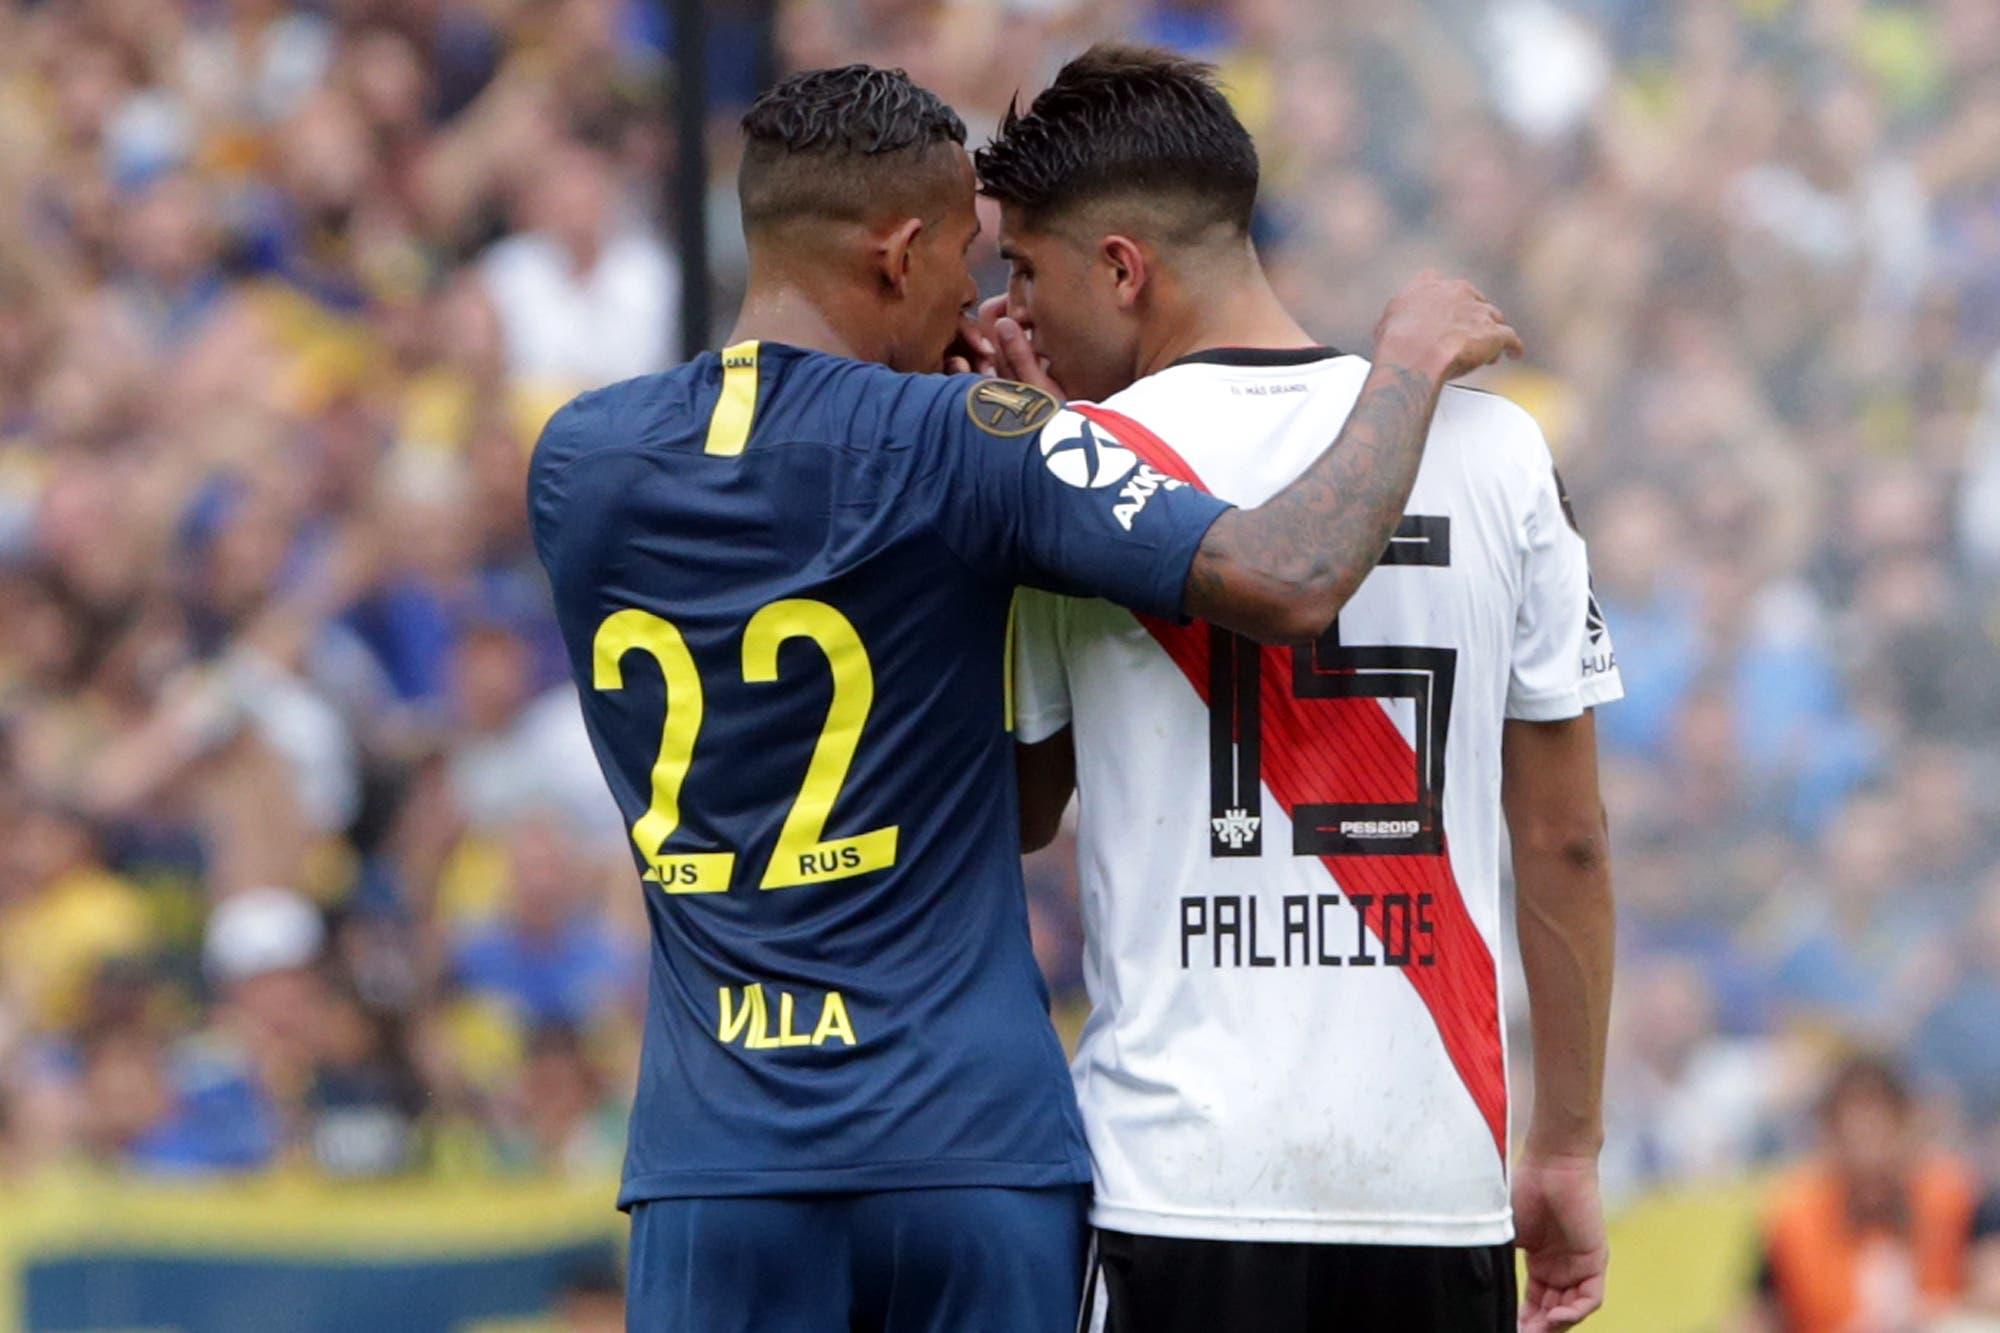 Libertadores: Cuándo podrían jugar las semifinales Boca y River y dónde se define